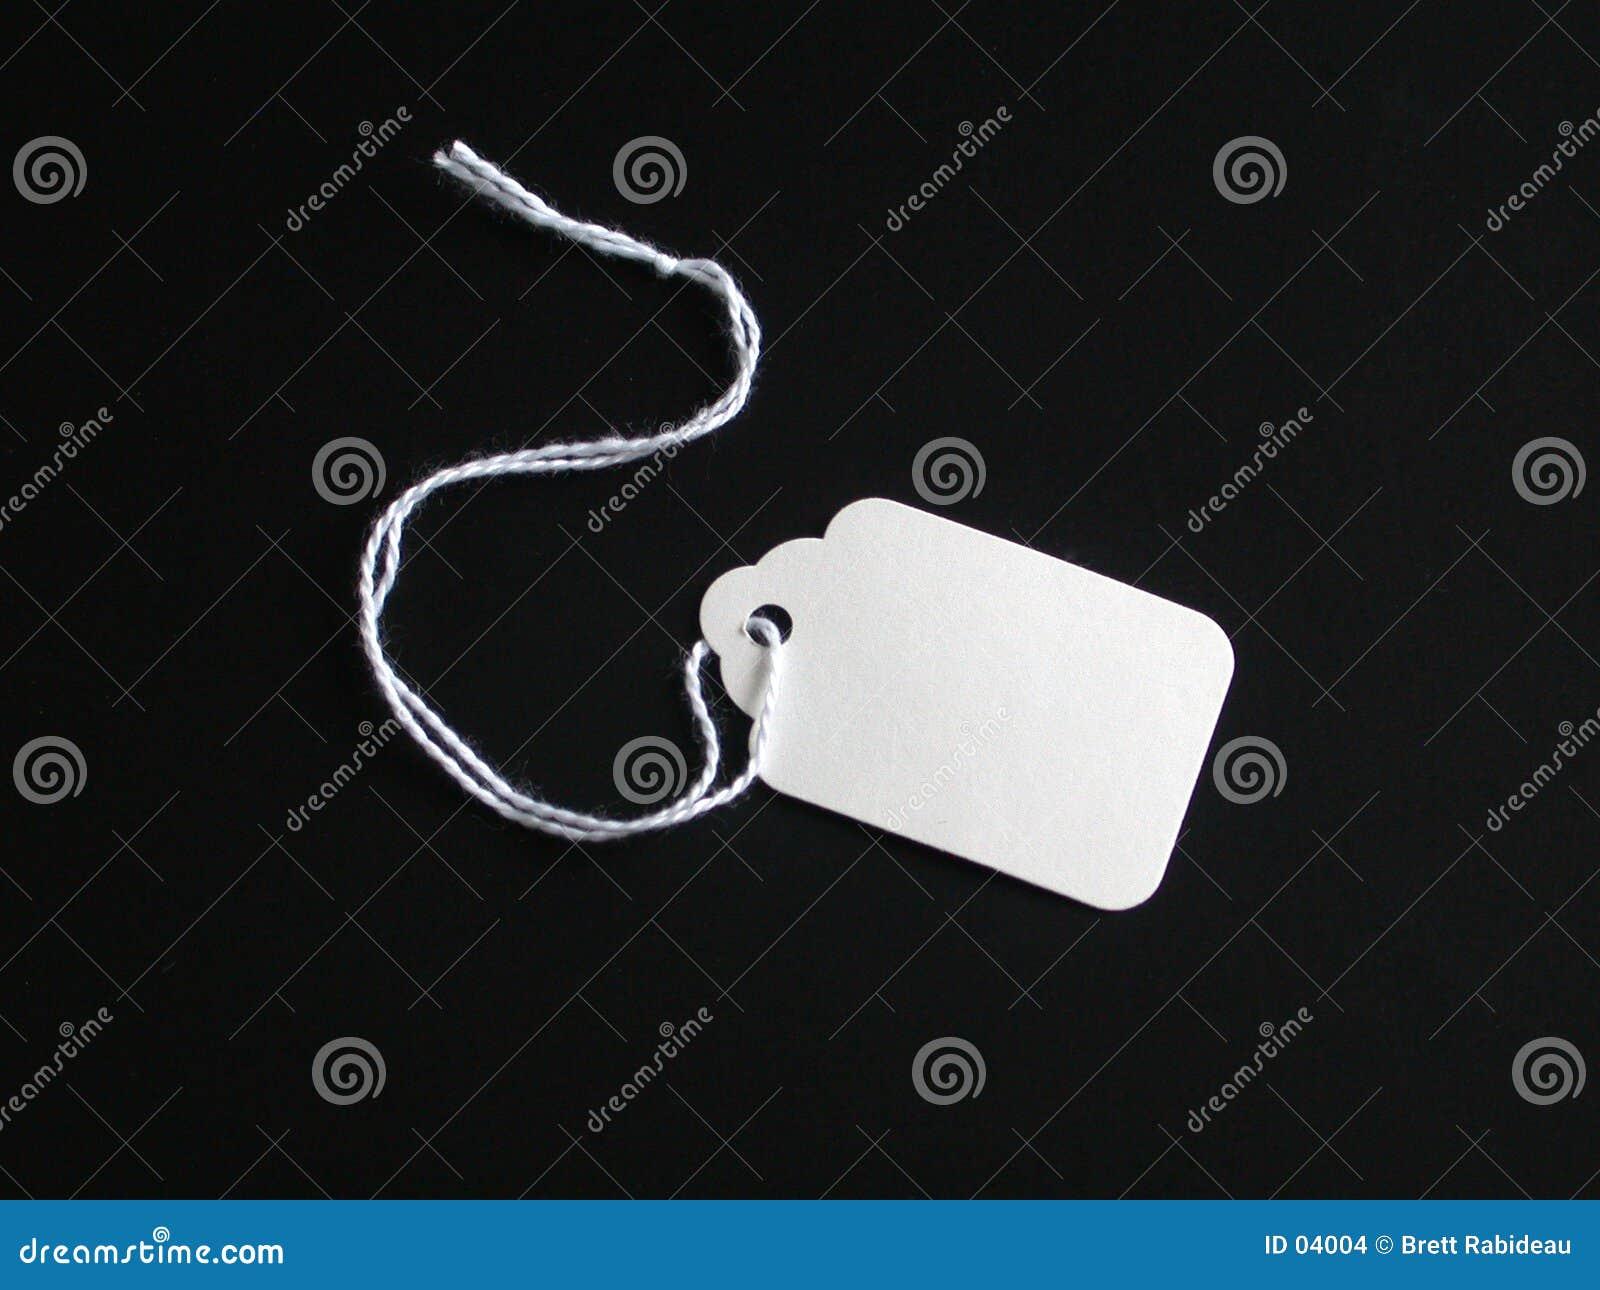 Weiße Marke auf einem schwarzen Hintergrund